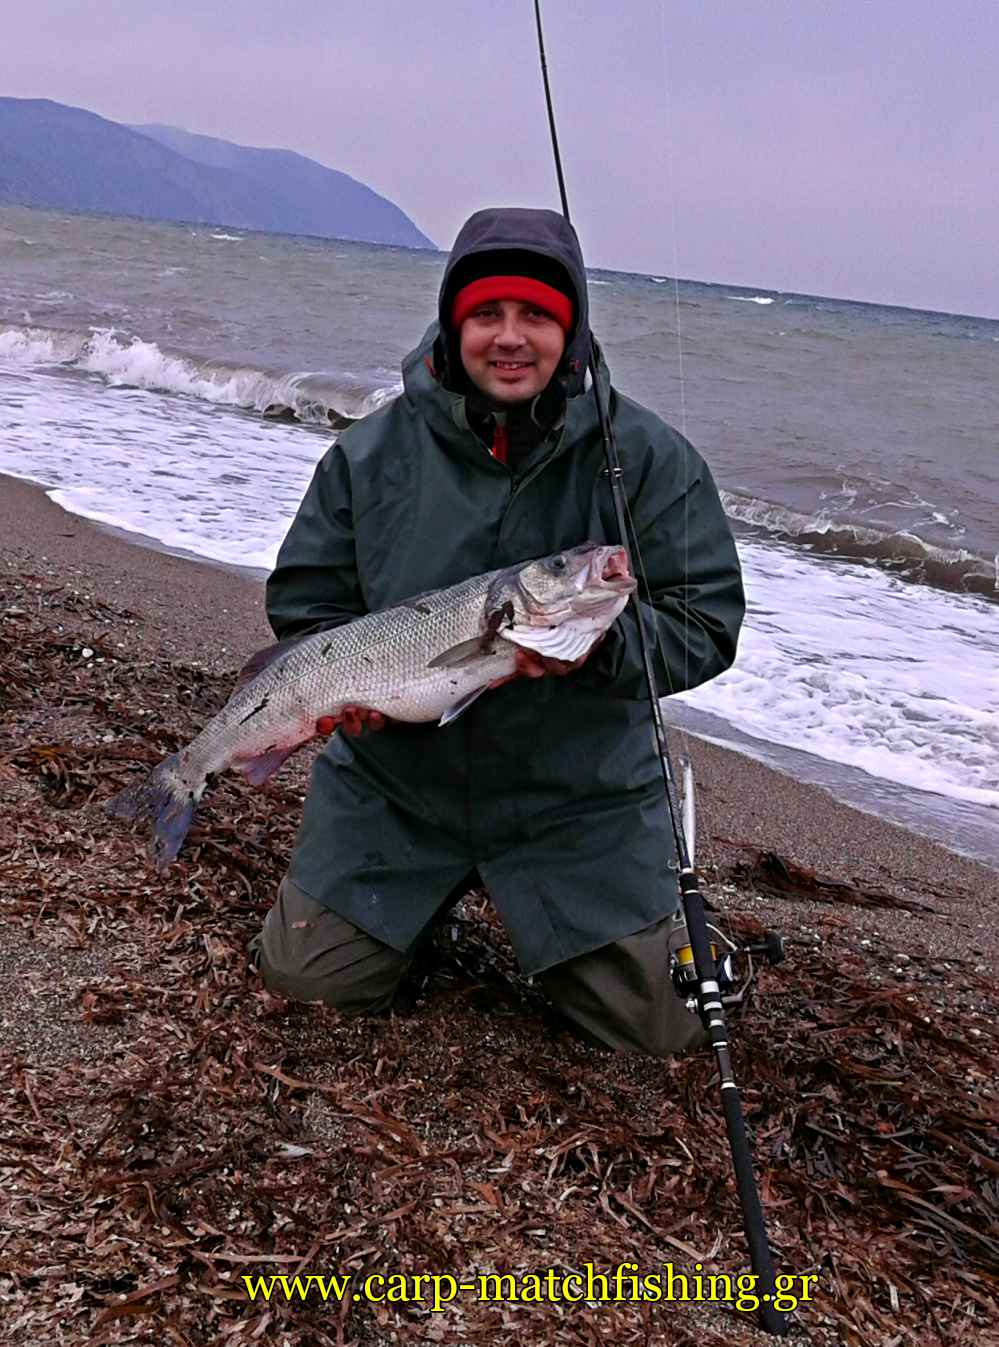 sea-bass-fishing-spinning-mastro-carpmatchfishing